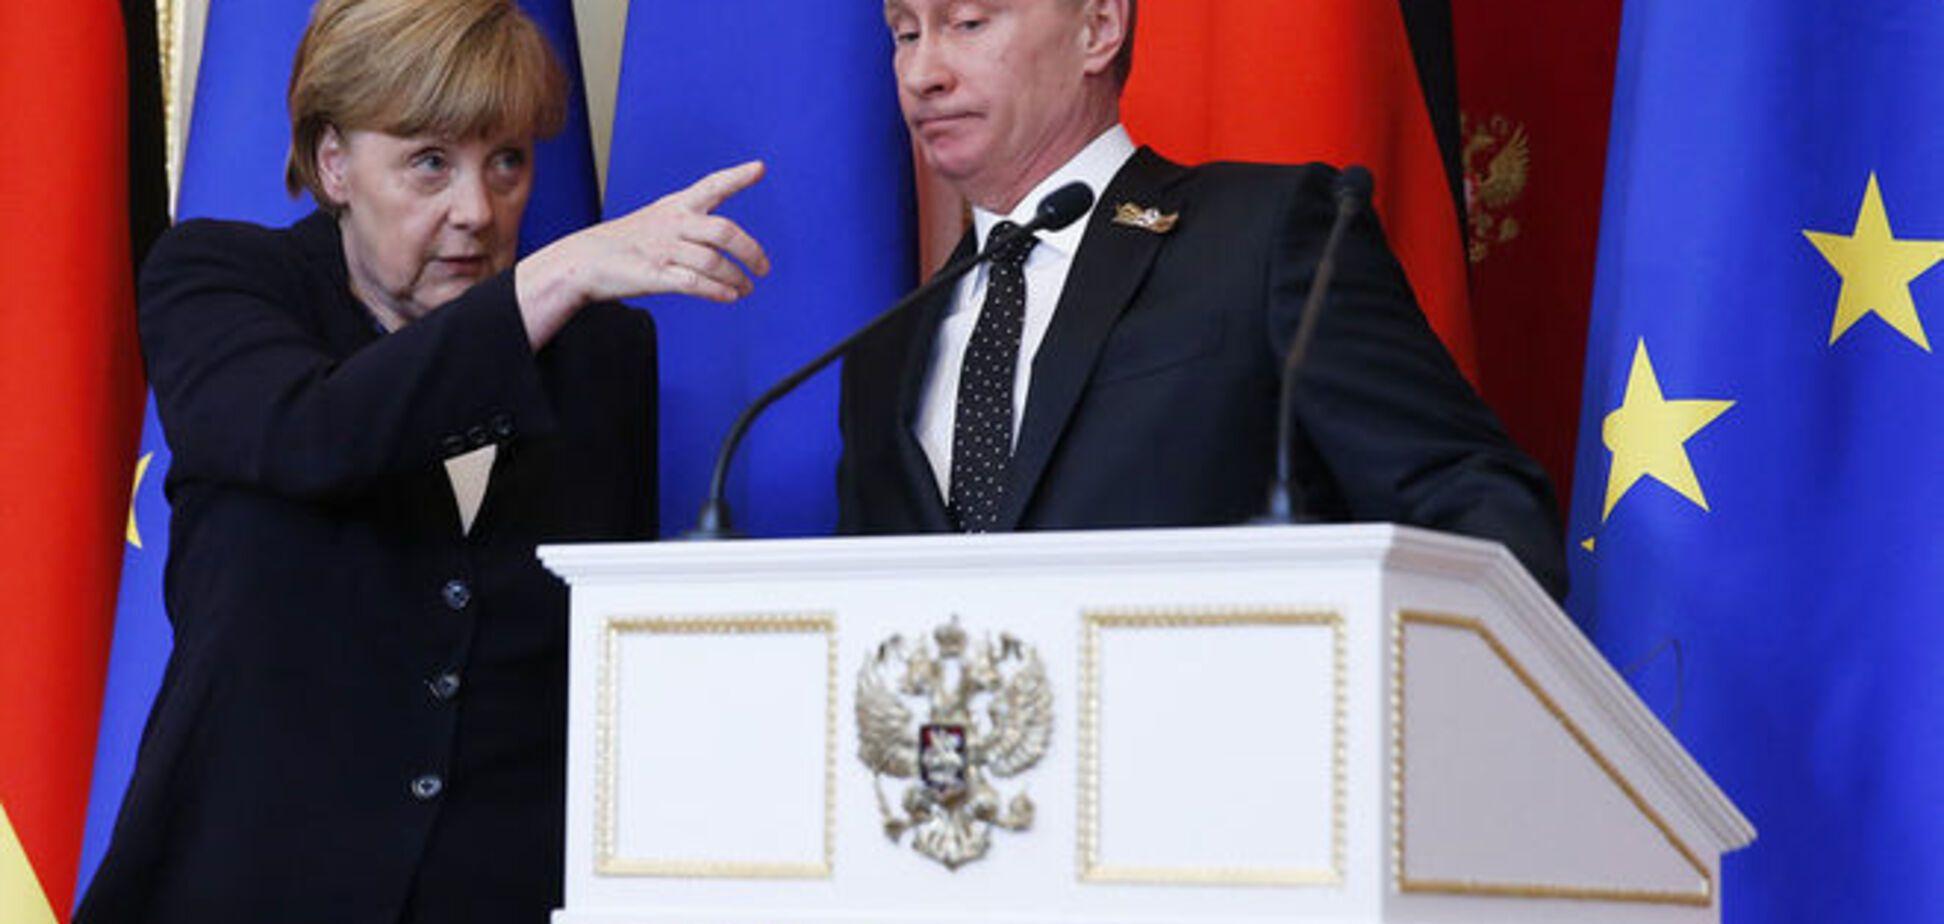 Путину дали последний шанс 'мирно' вернуть 'ДНР' и 'ЛНР' в состав Украины